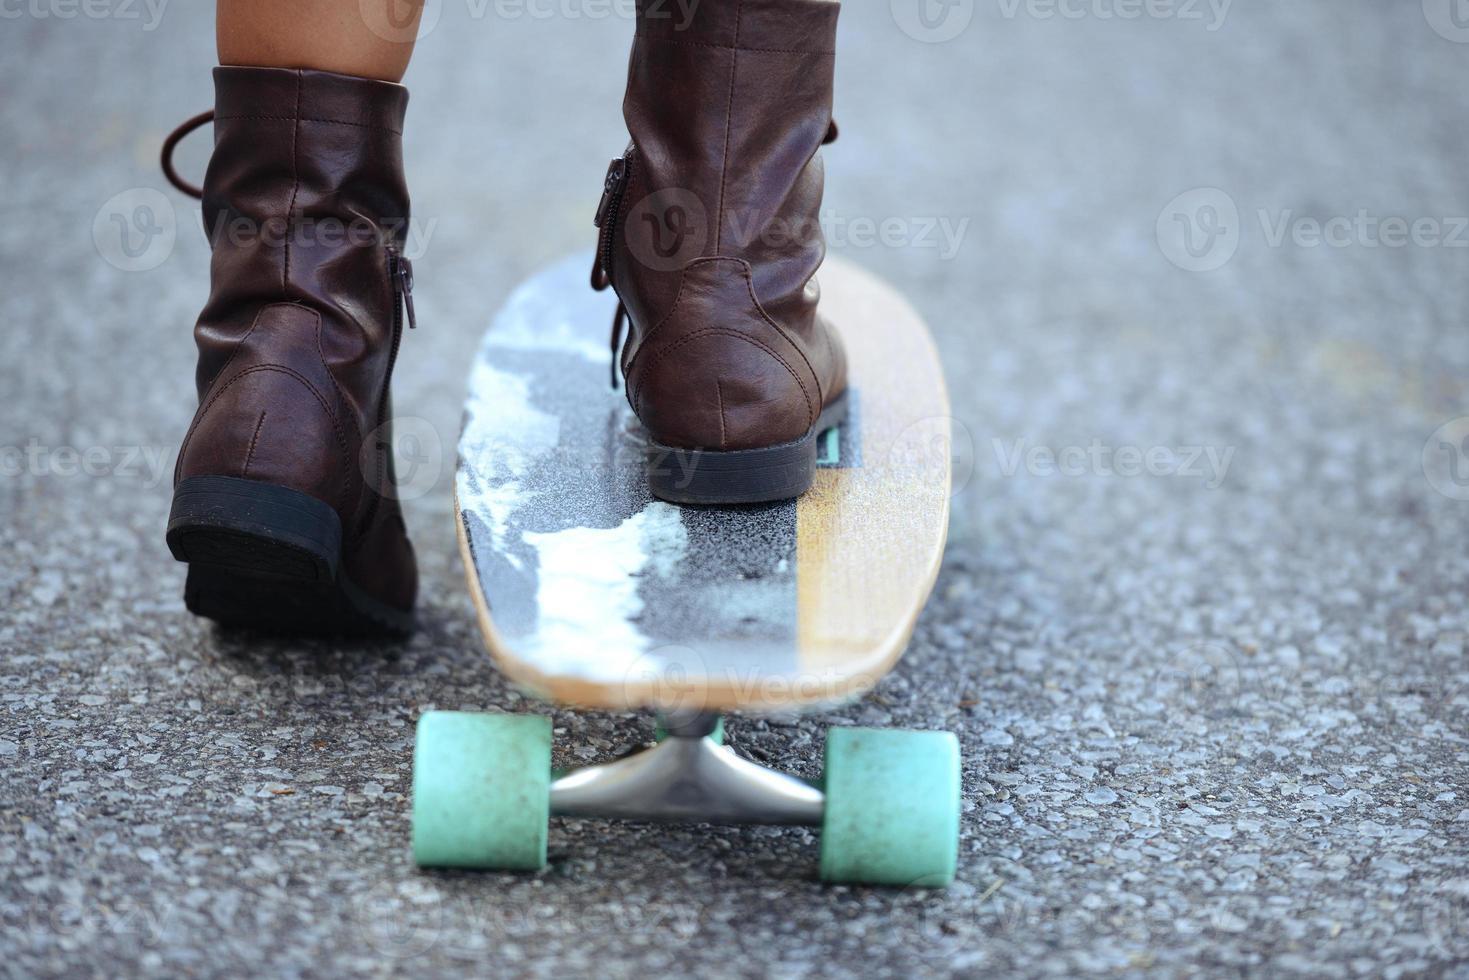 närbild fötter på skateboard foto